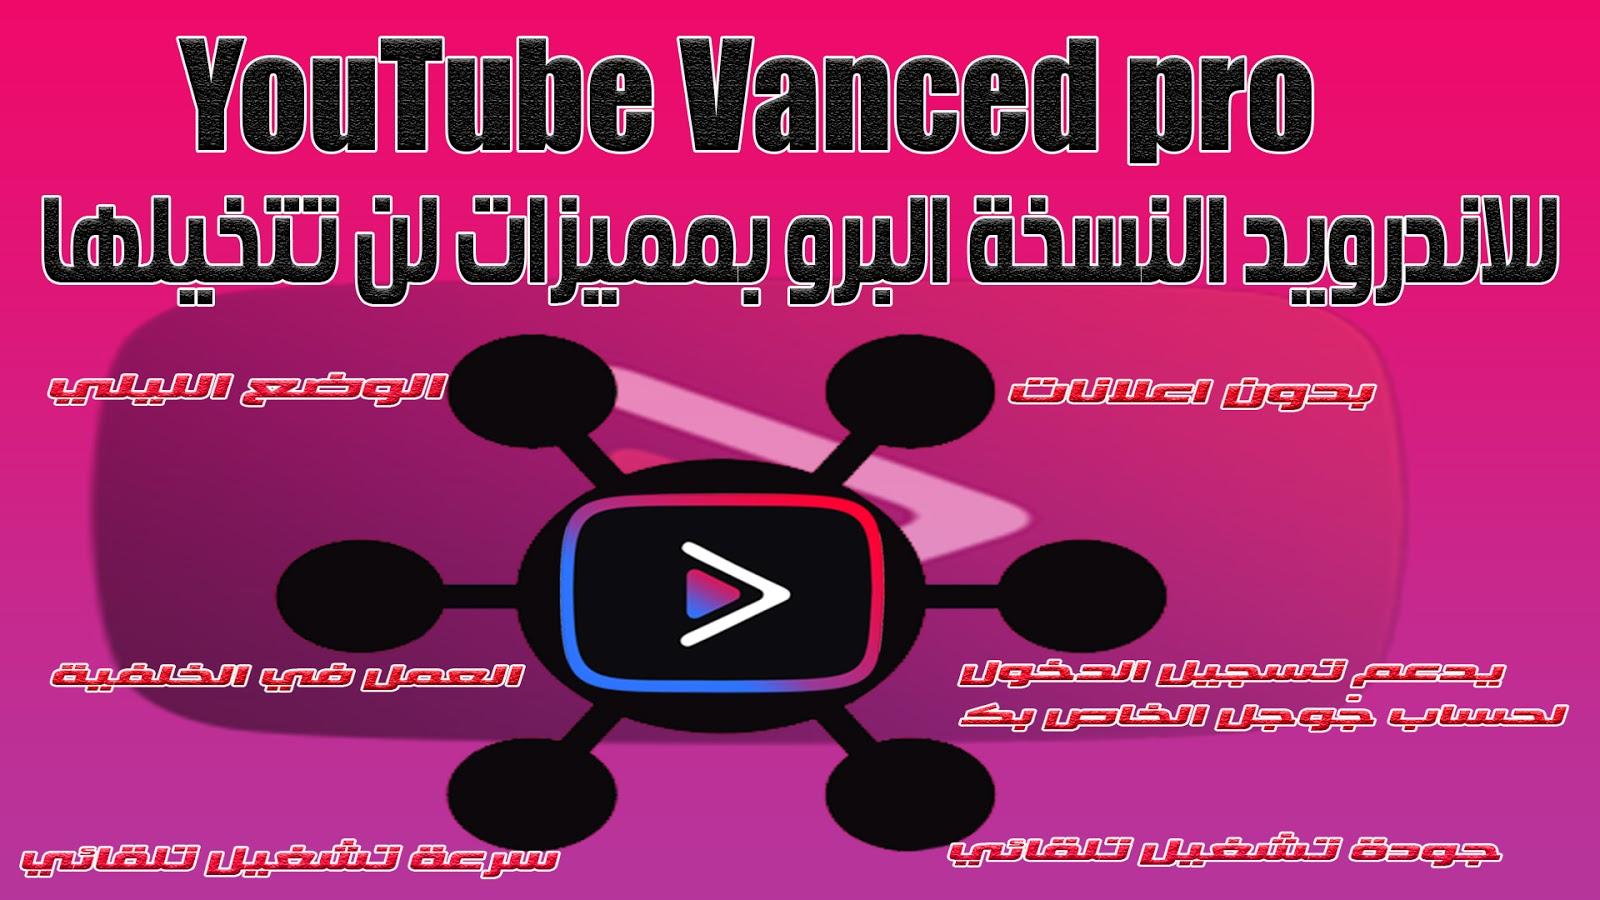 تحميل اخر اصدار لتطبيق  فانسید یوتیوب  YouTube Vanced pro للاندرويد النسخة البرو بمميزات لن تتخيلها